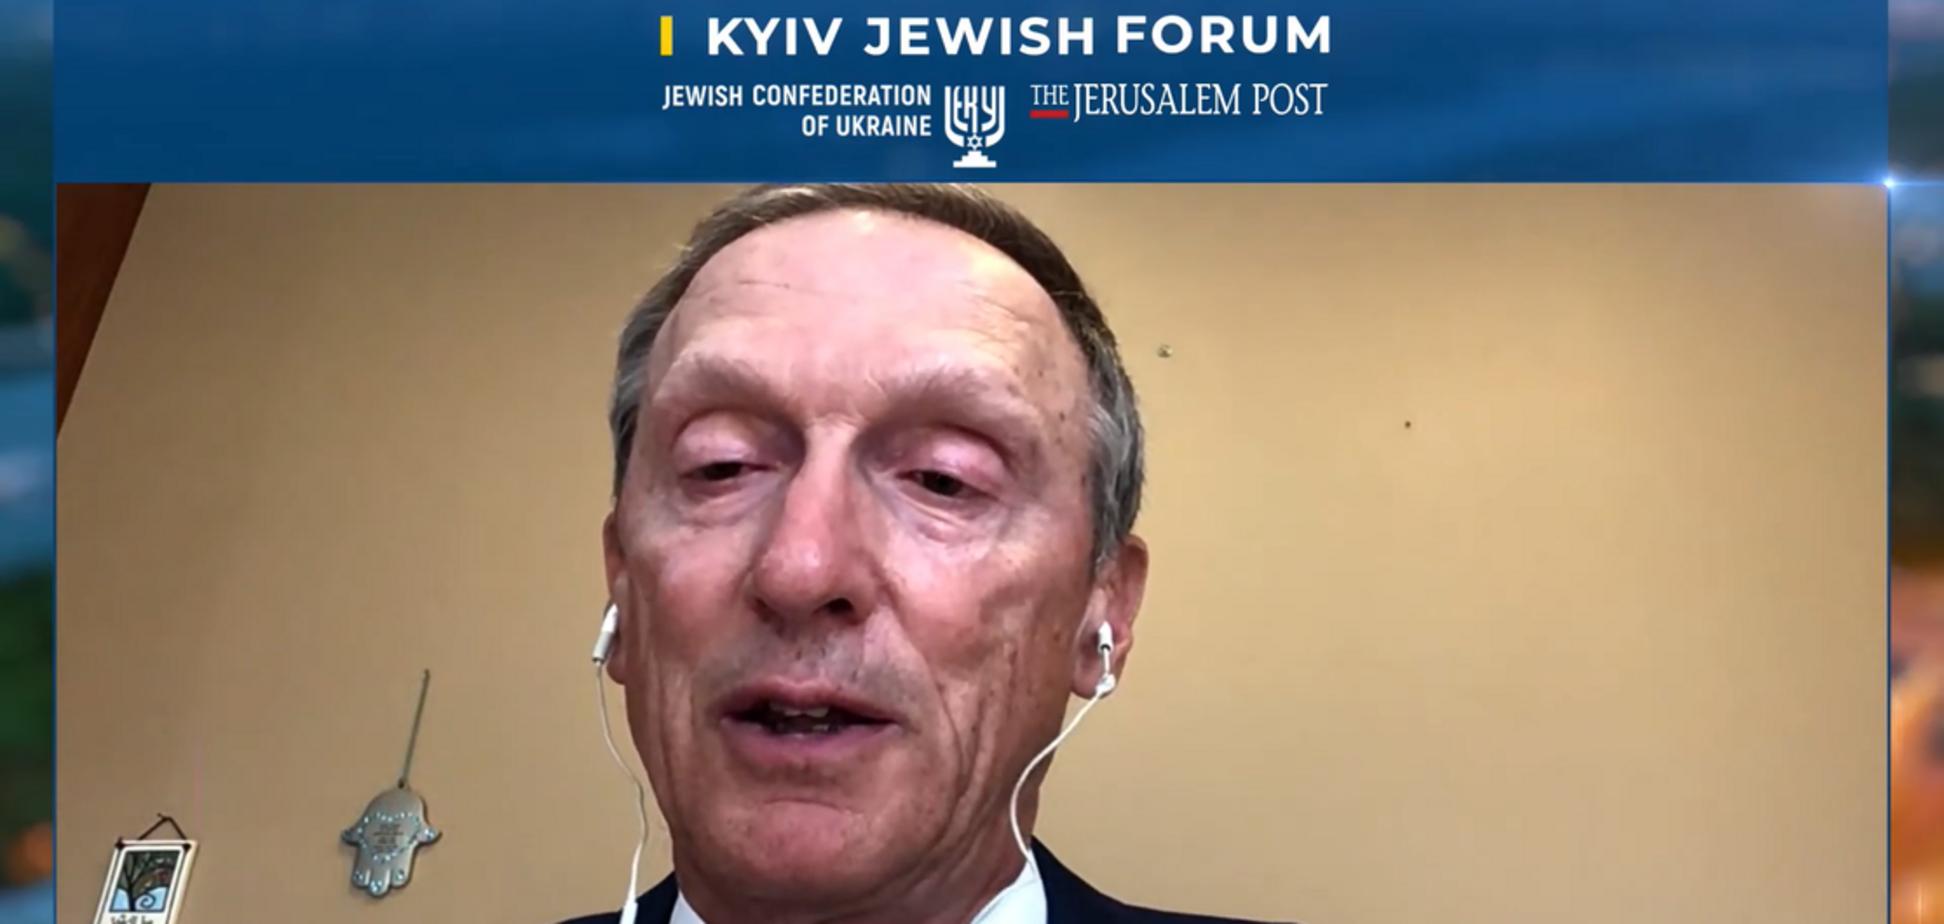 То, что евреи не защищались во время Холокоста – миф, — Левин